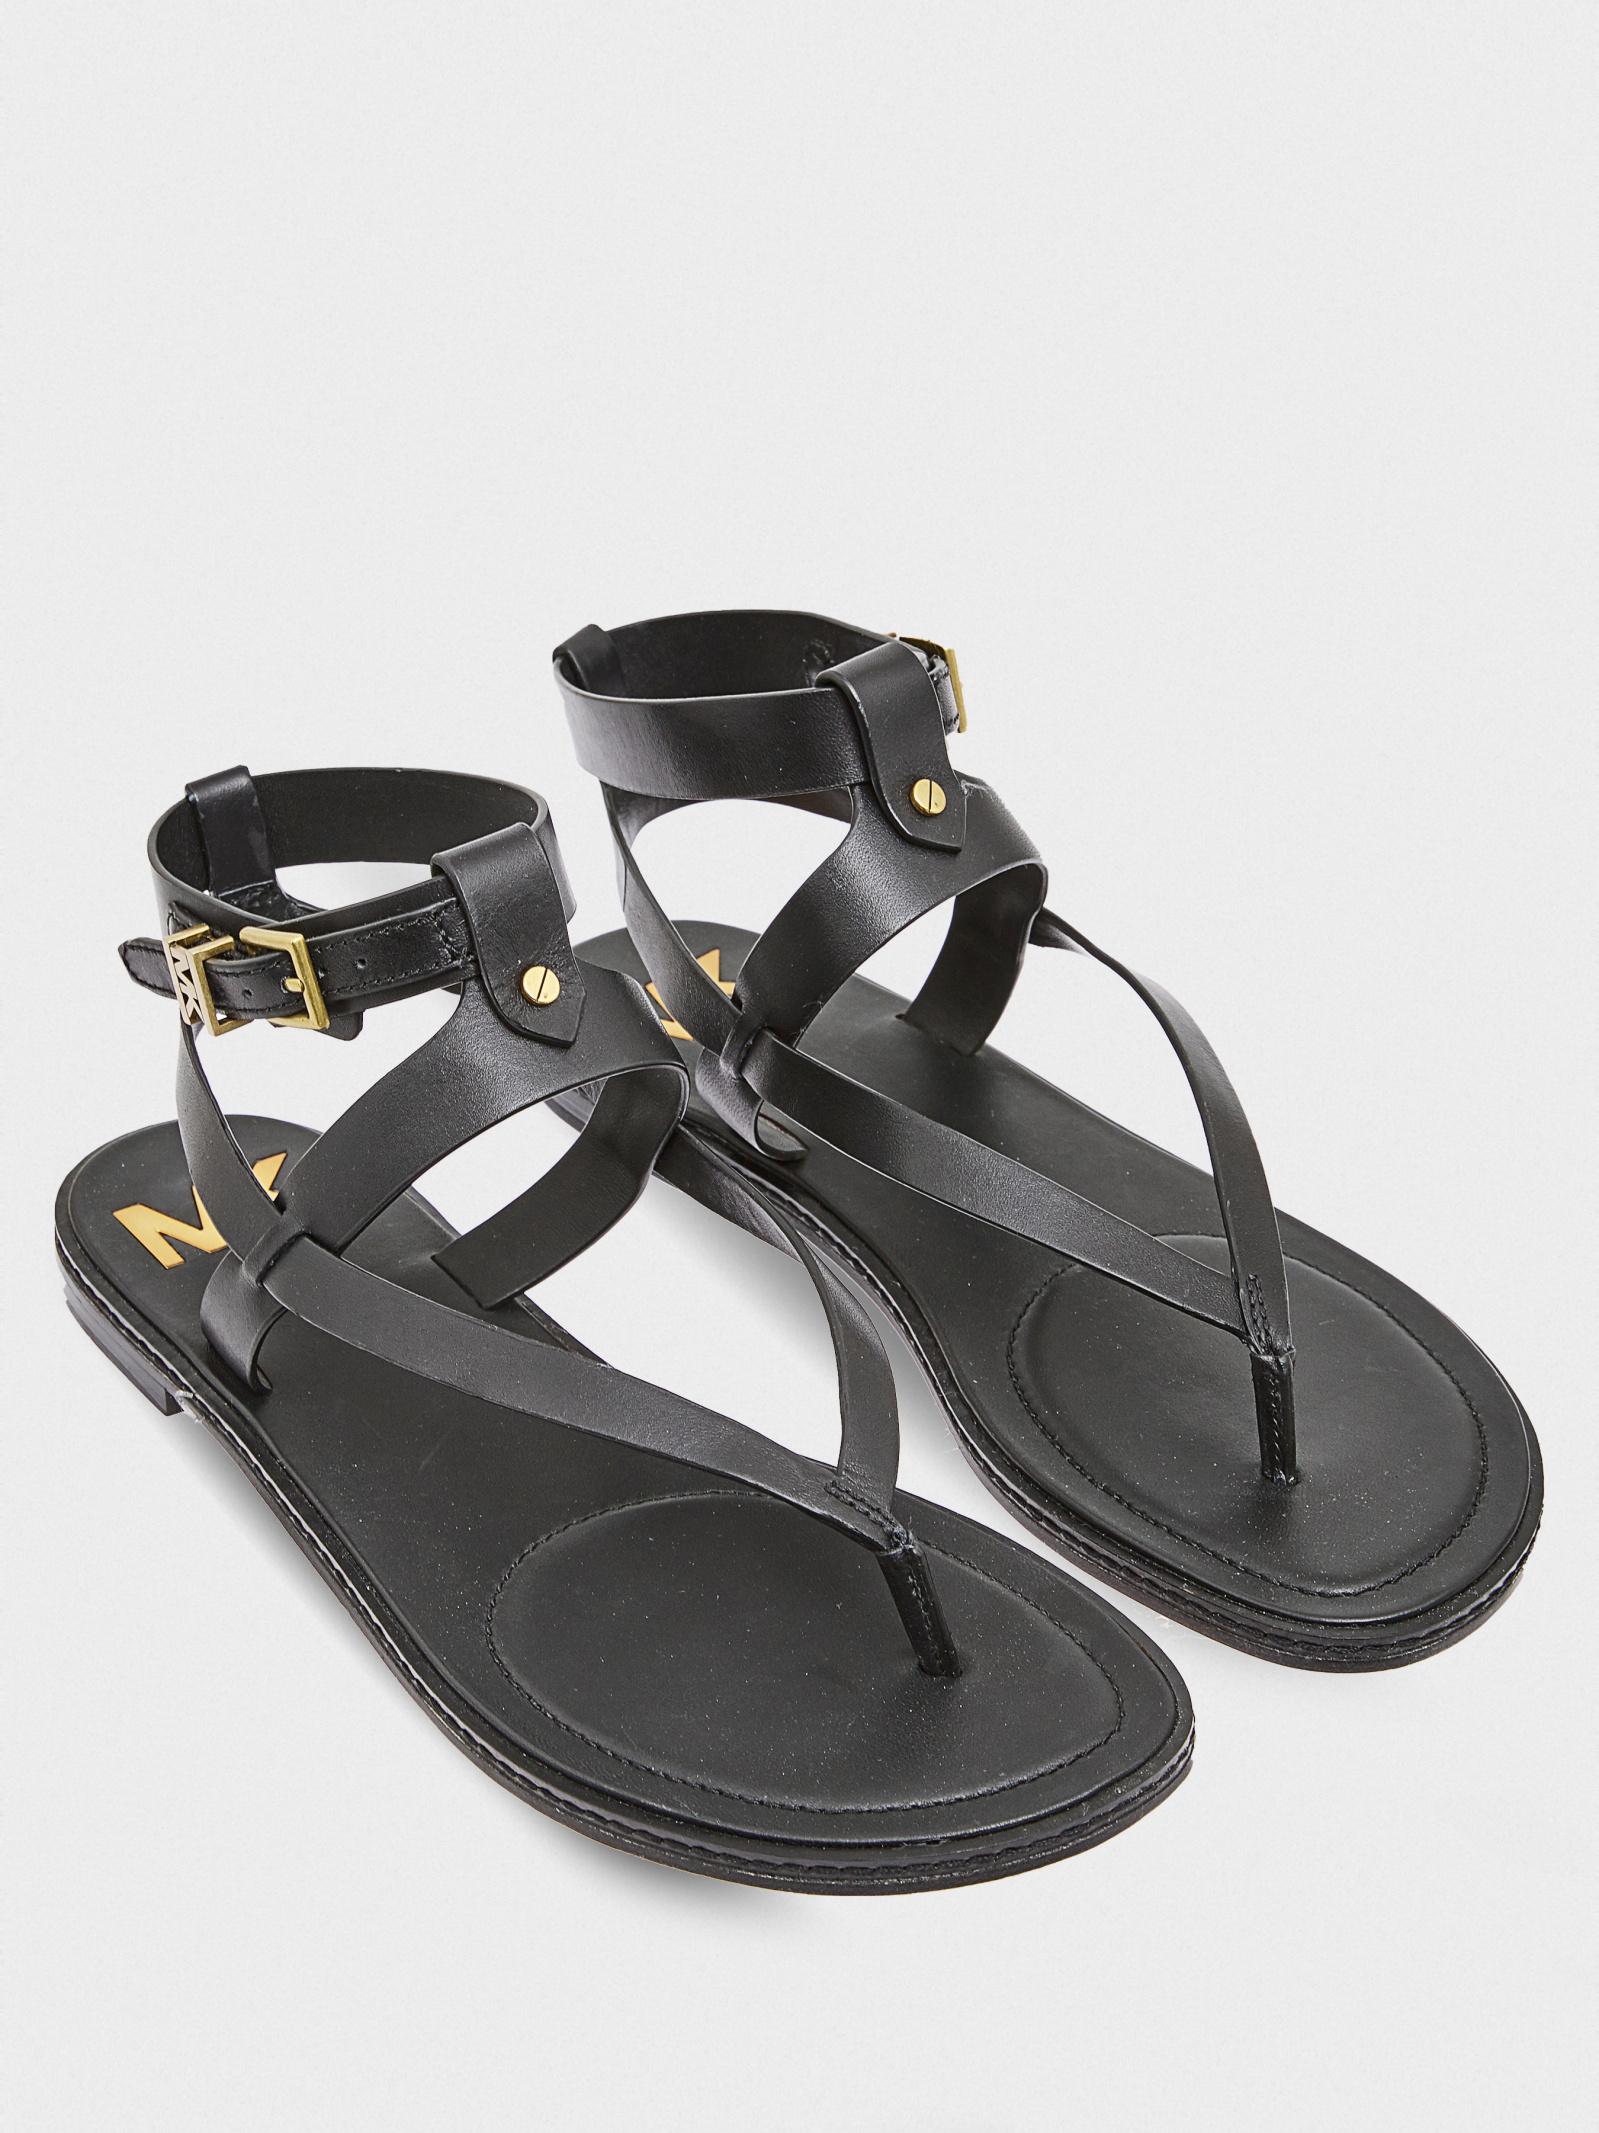 Сандалі  жіночі Michael Kors 40S0PEFA1L_633_001_0041 модне взуття, 2017